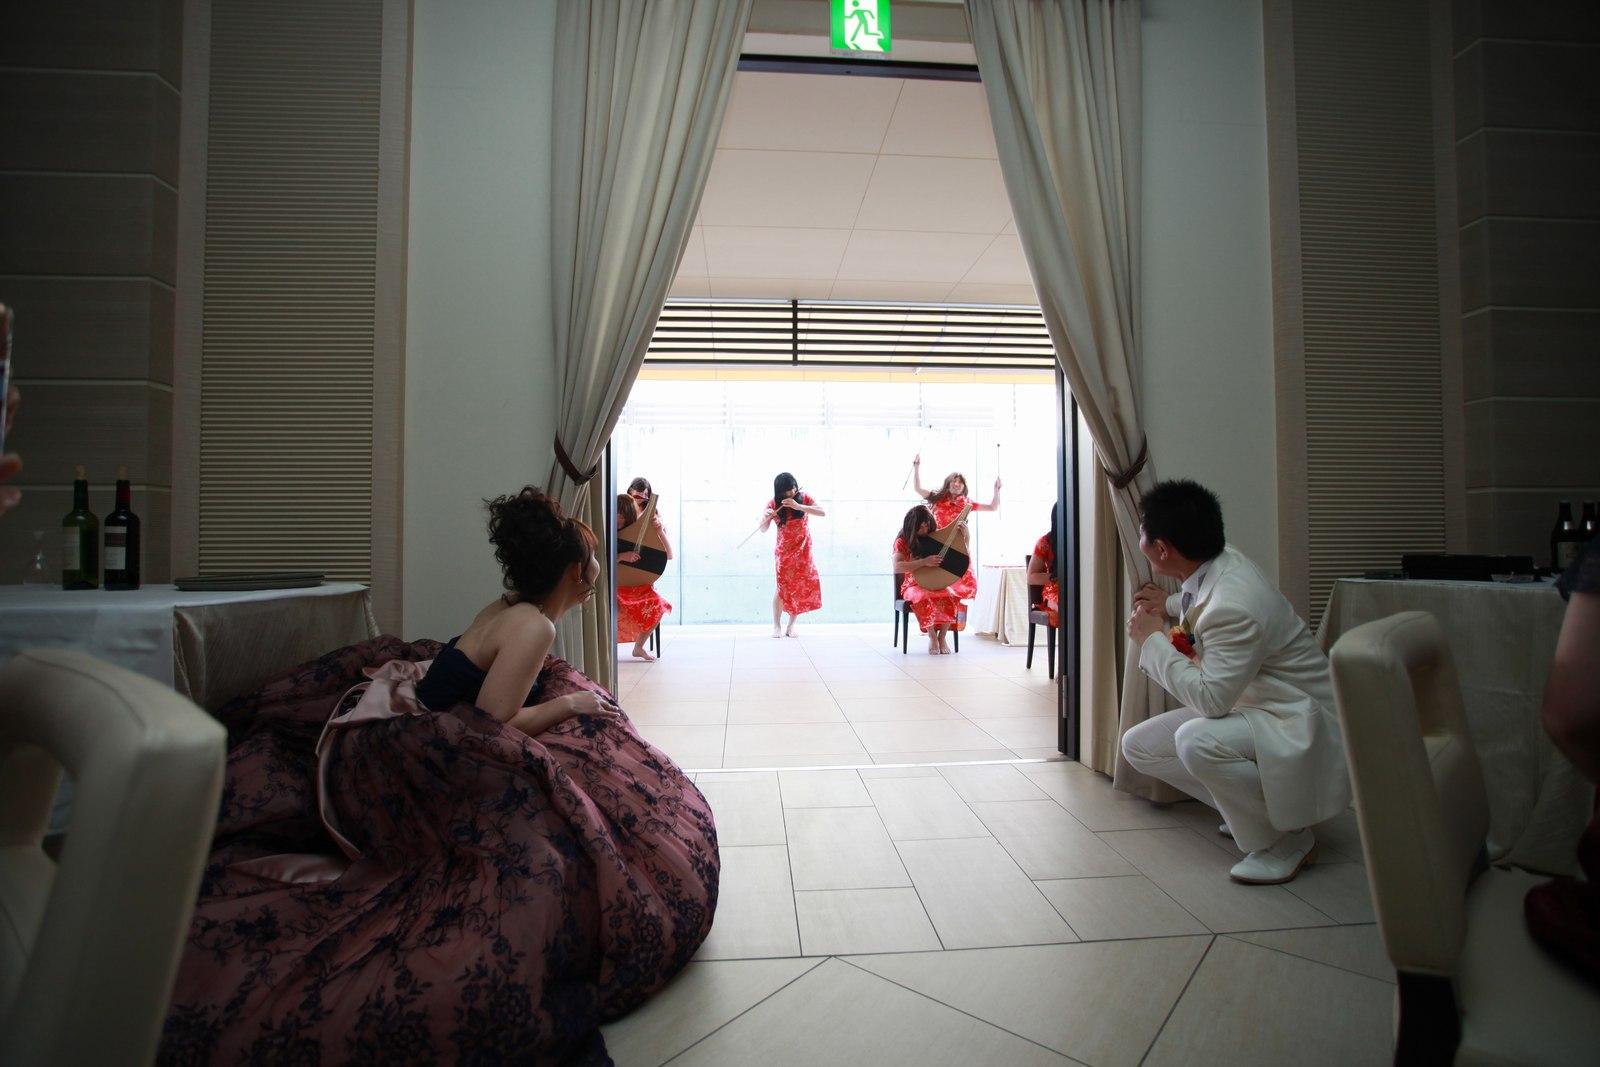 高松市の結婚式場アイルバレクラブでチャイナドレスを着てエア演奏の余興